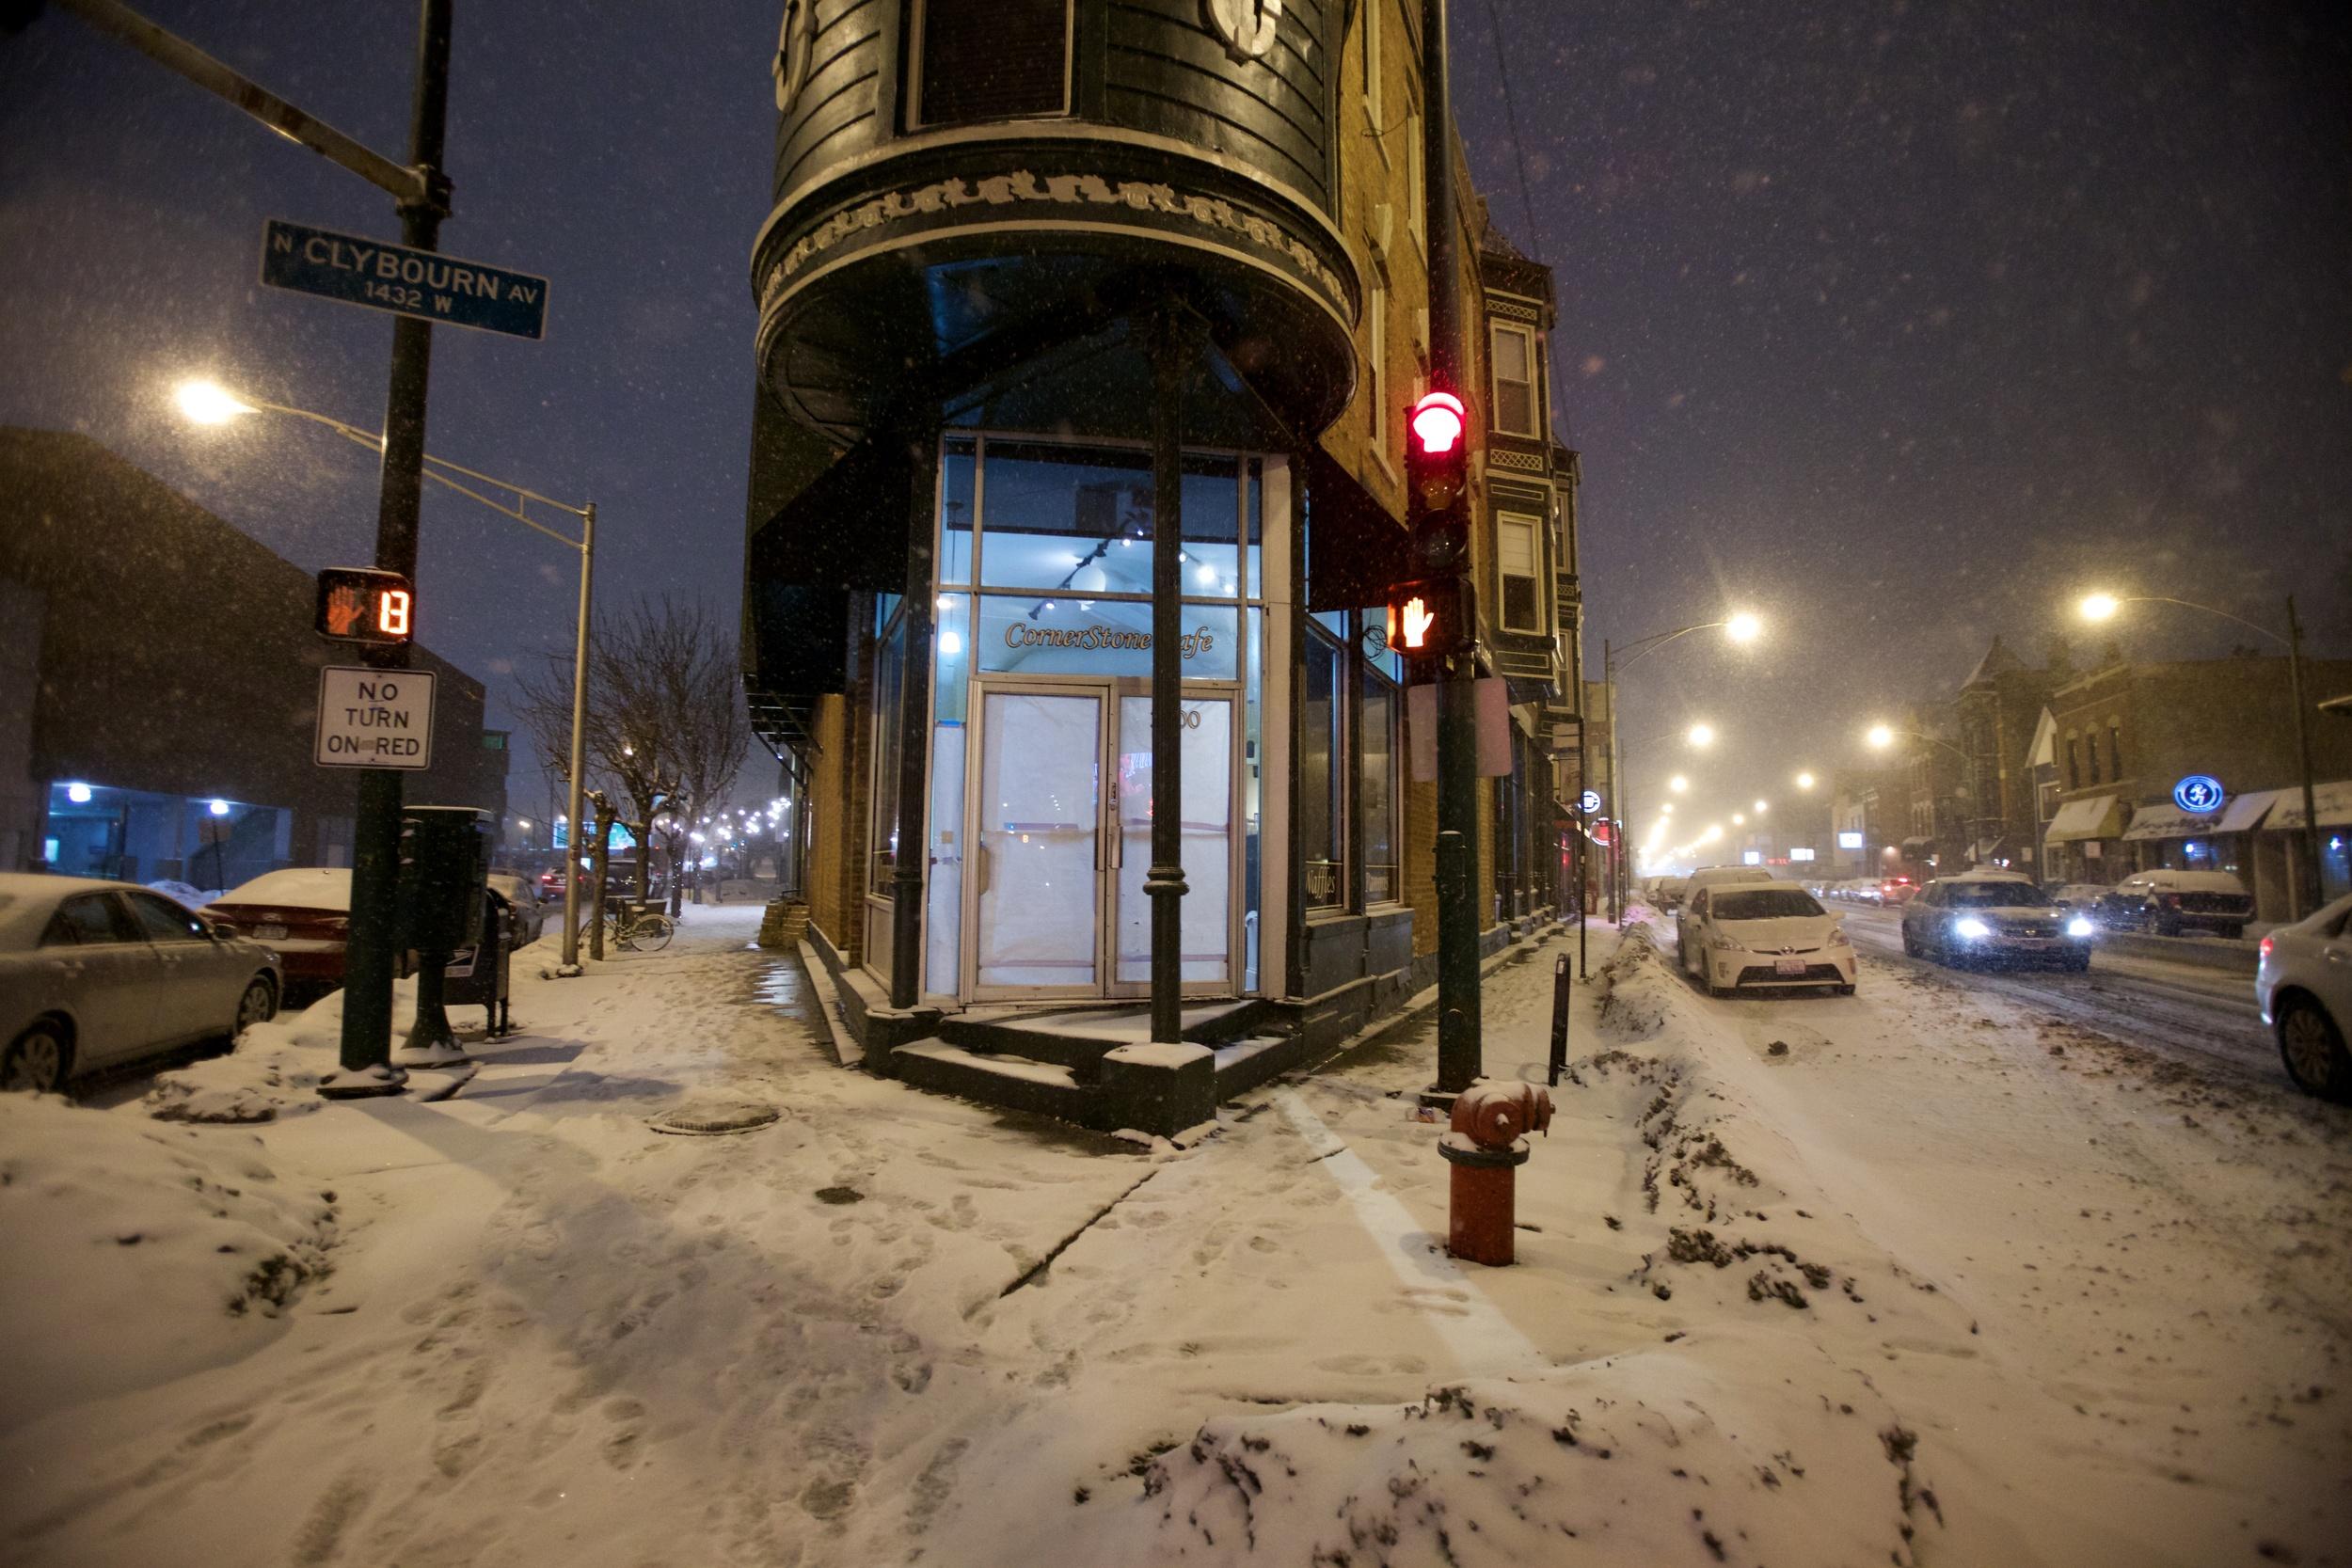 Snowfall - clybourn AVe.